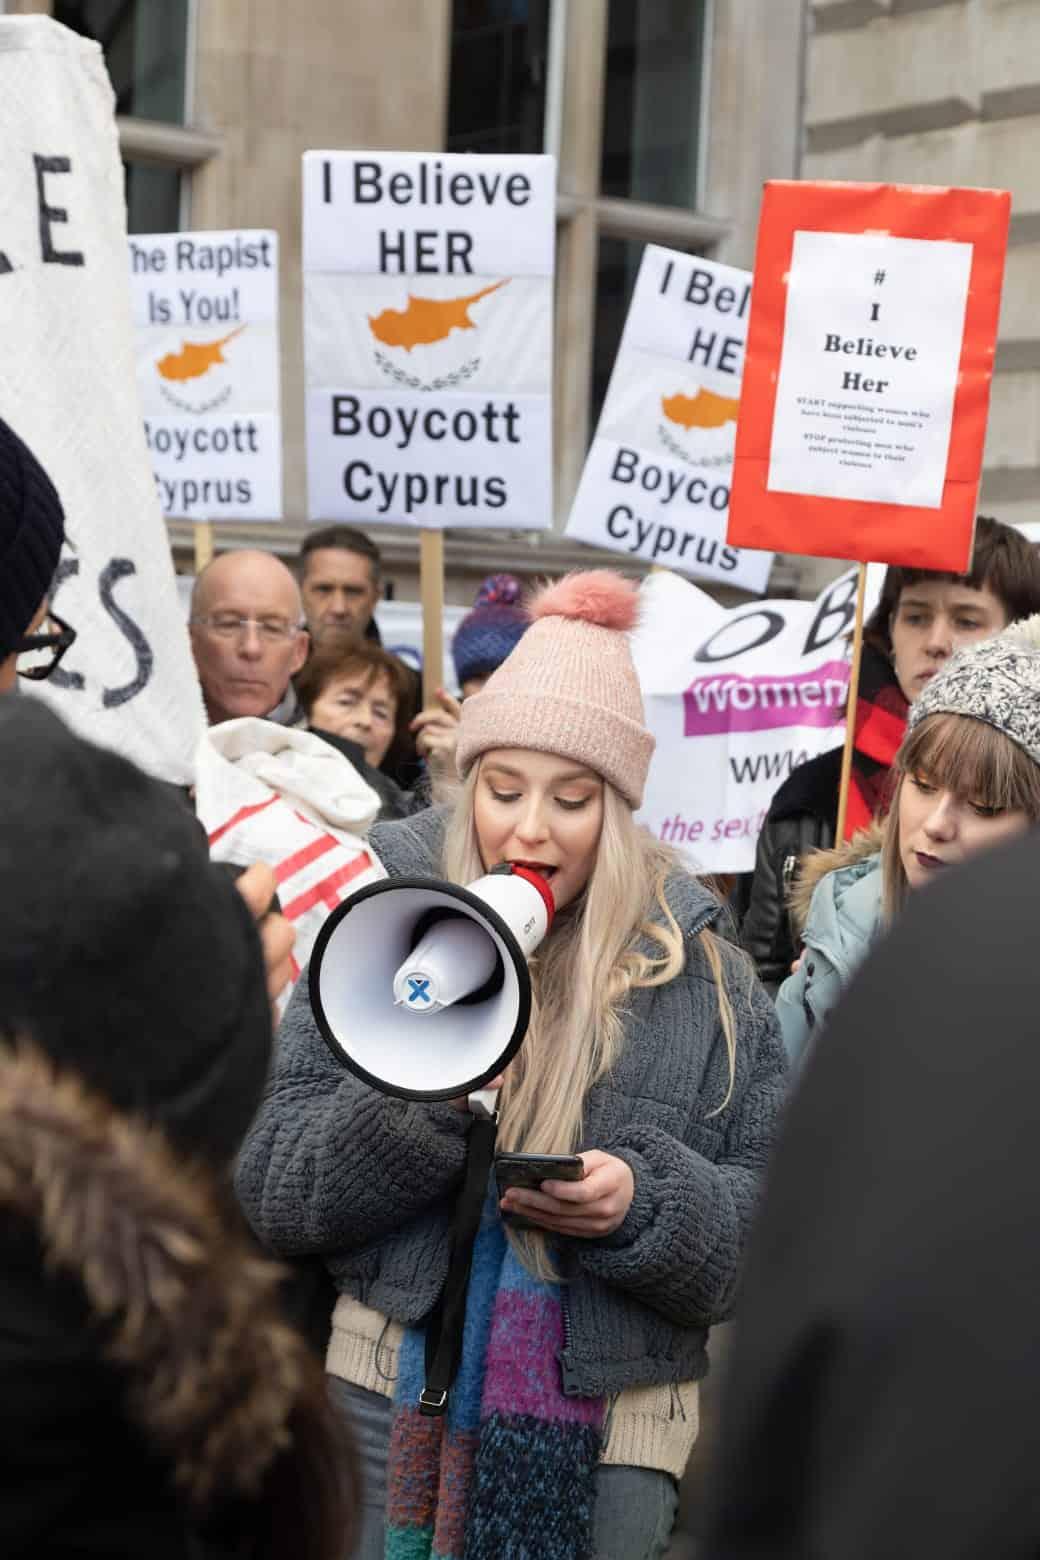 הפגנת תמיכה בלונדון בנערה הבריטית שהורשעה בקפריסין במתן עדות שקר